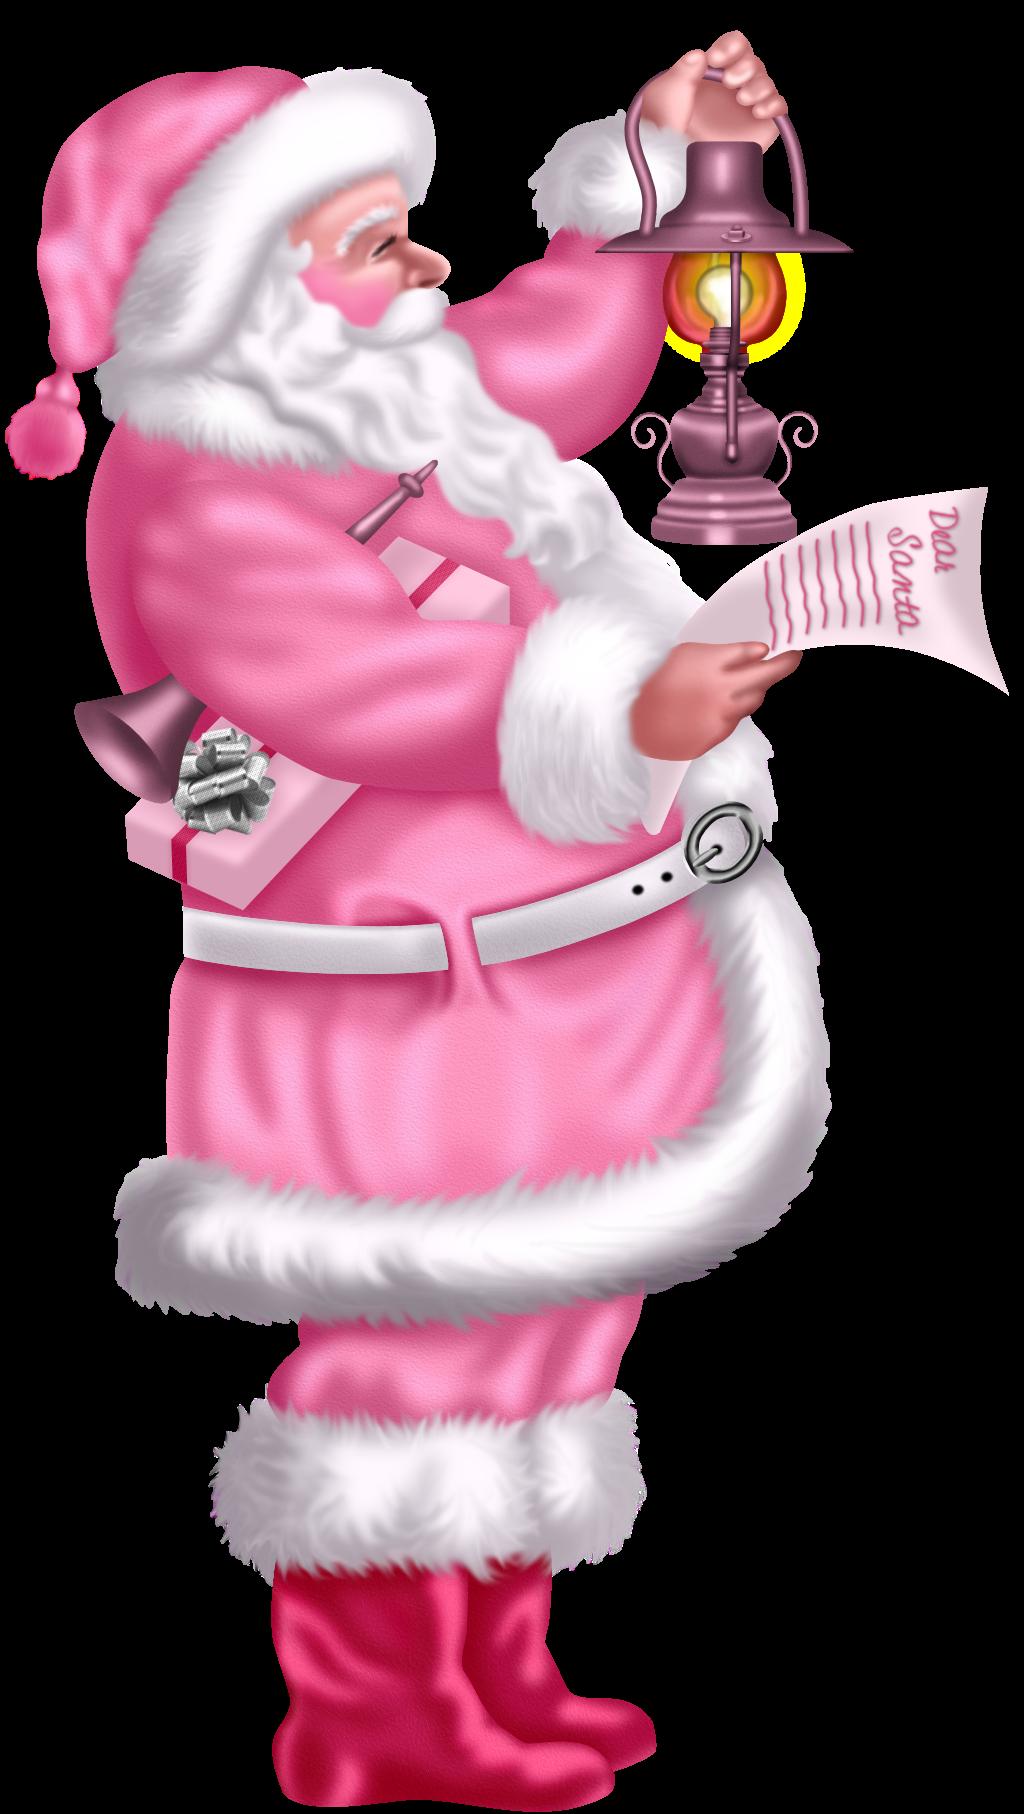 santa santas and vintage christmas pink. Black Bedroom Furniture Sets. Home Design Ideas